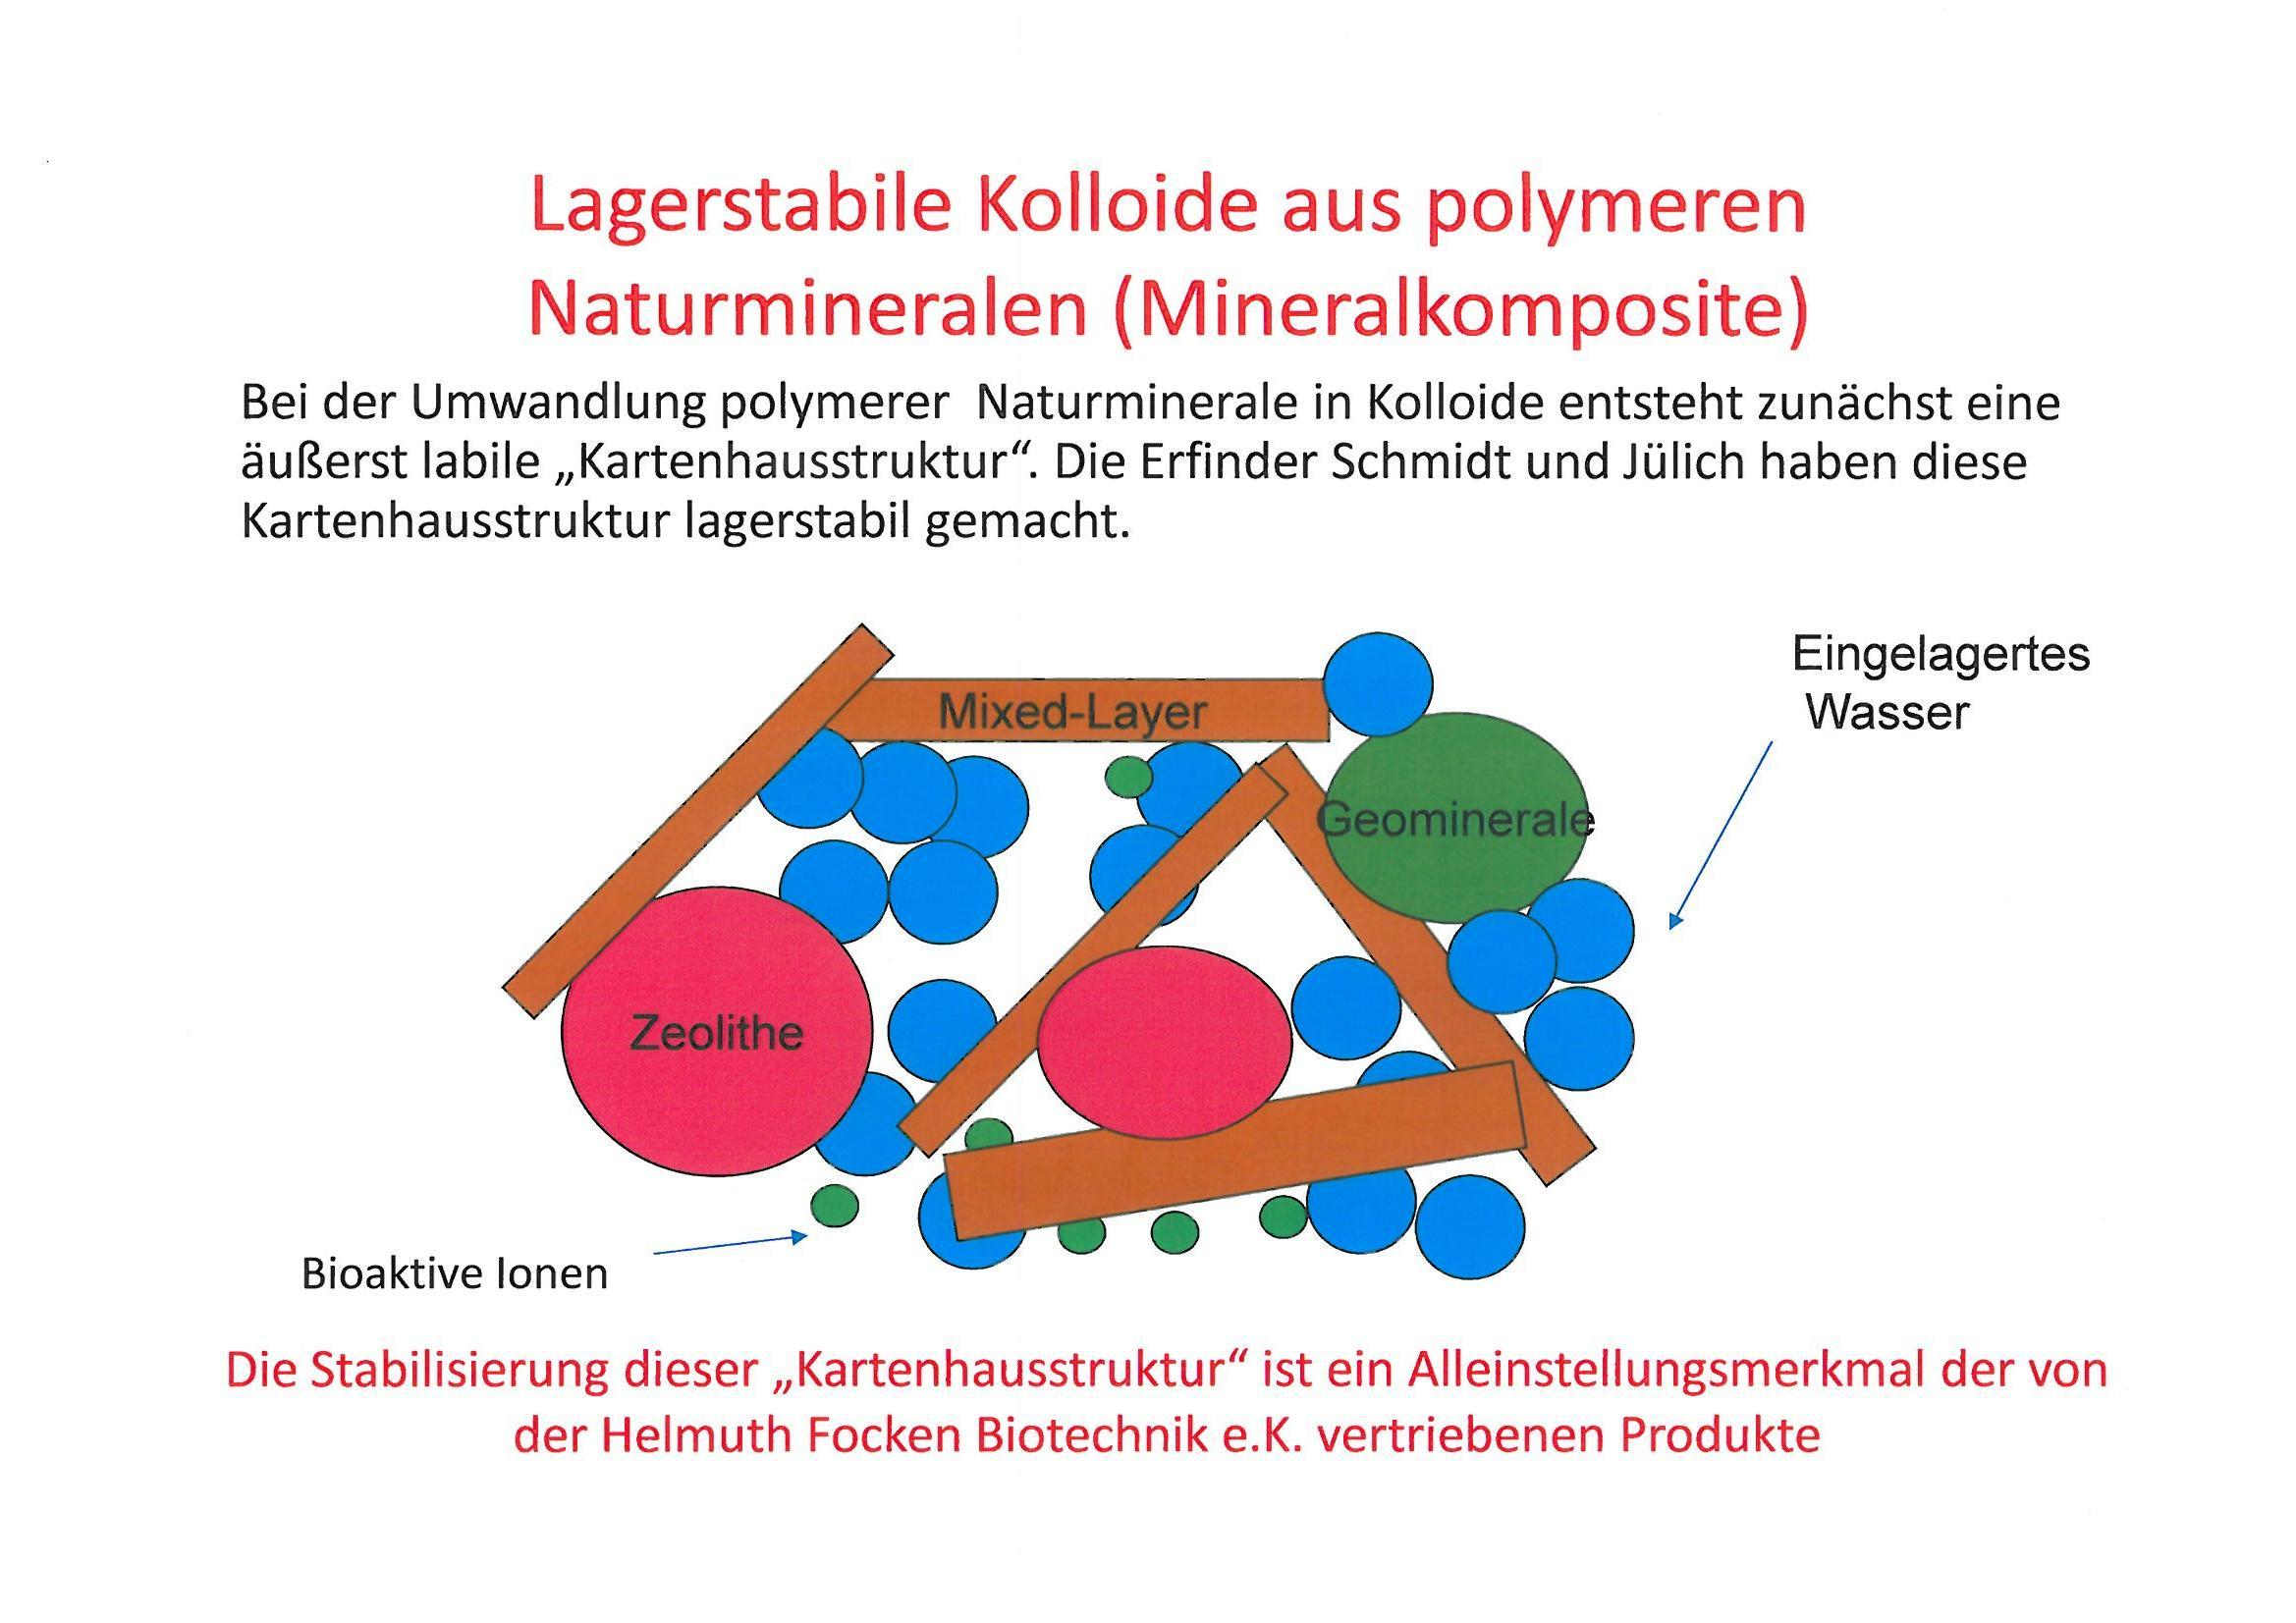 Mineralkomposit als adaptogene Substanzin-der-lagerstabilen -Struktur